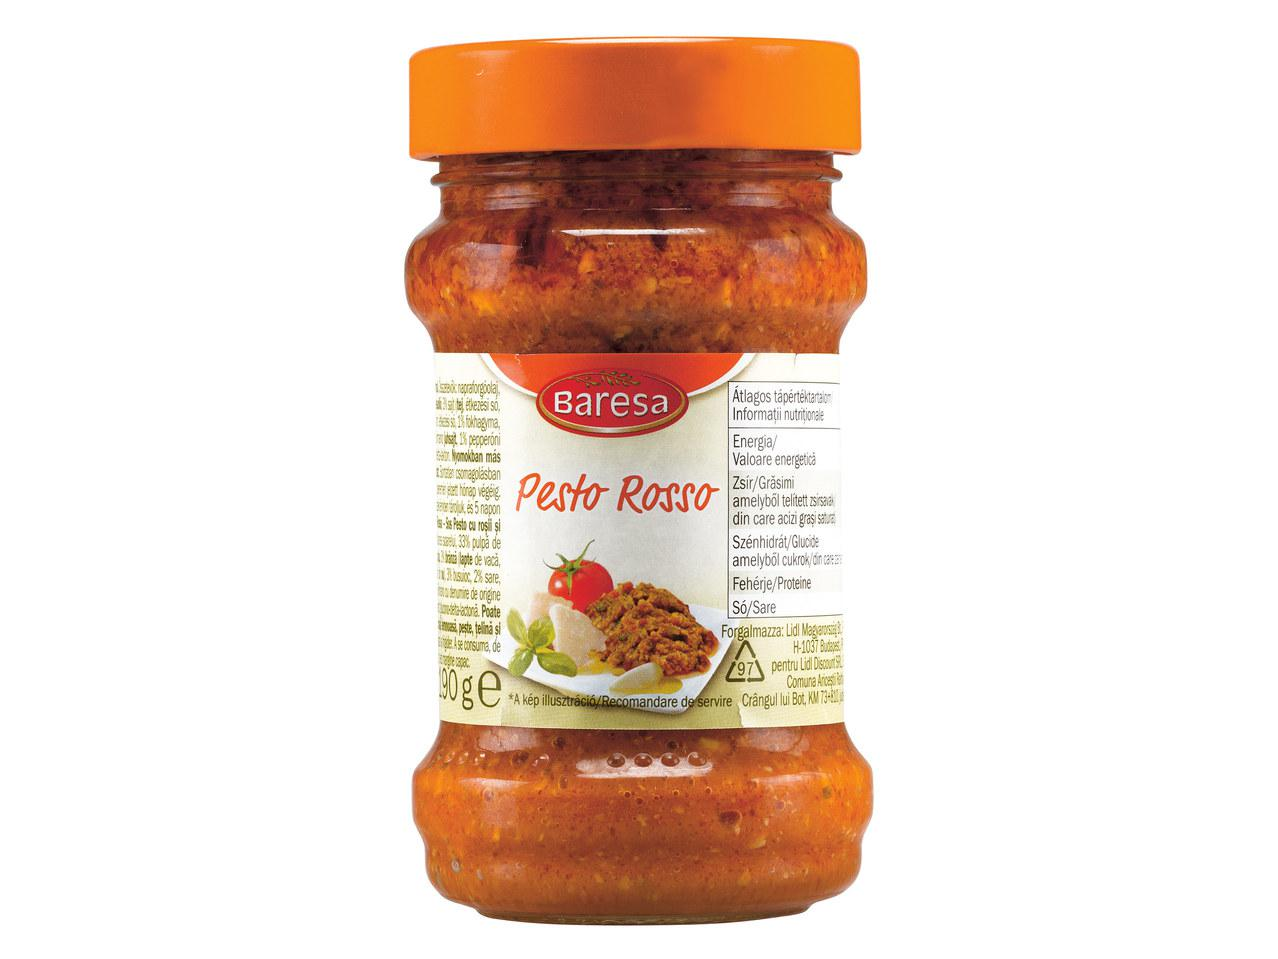 Baresa Pesto Rosso 190 гр.